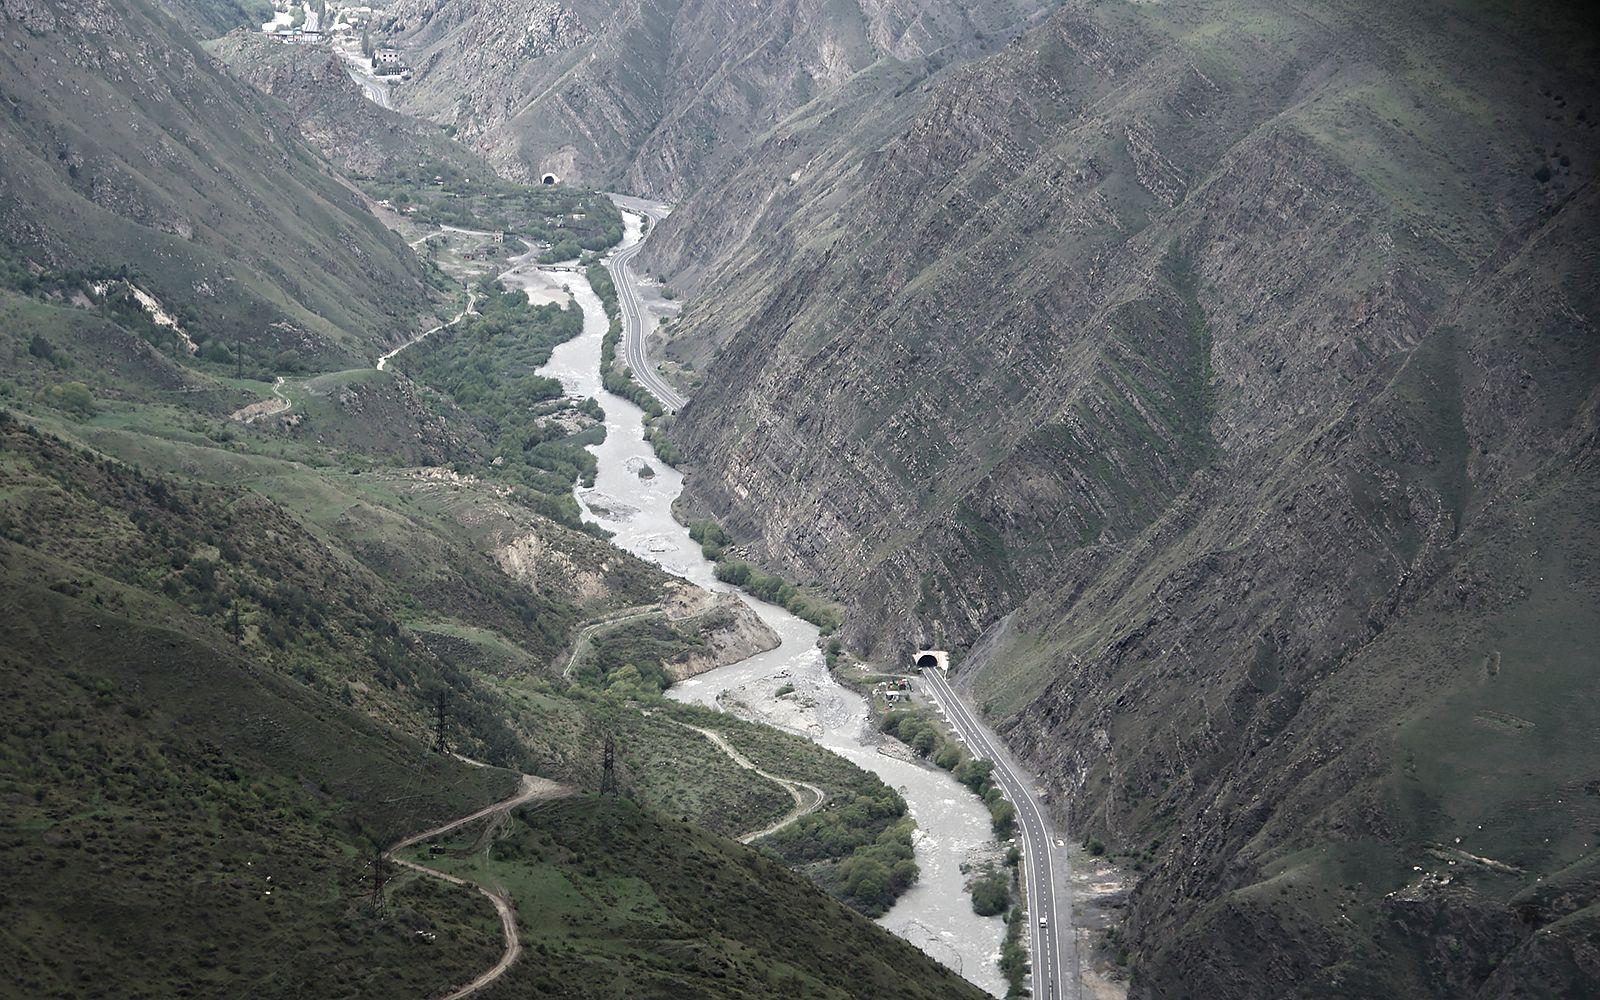 наглядно о физике тоннелей Мизур река Ардон Транскавказская магистраль тоннель физика